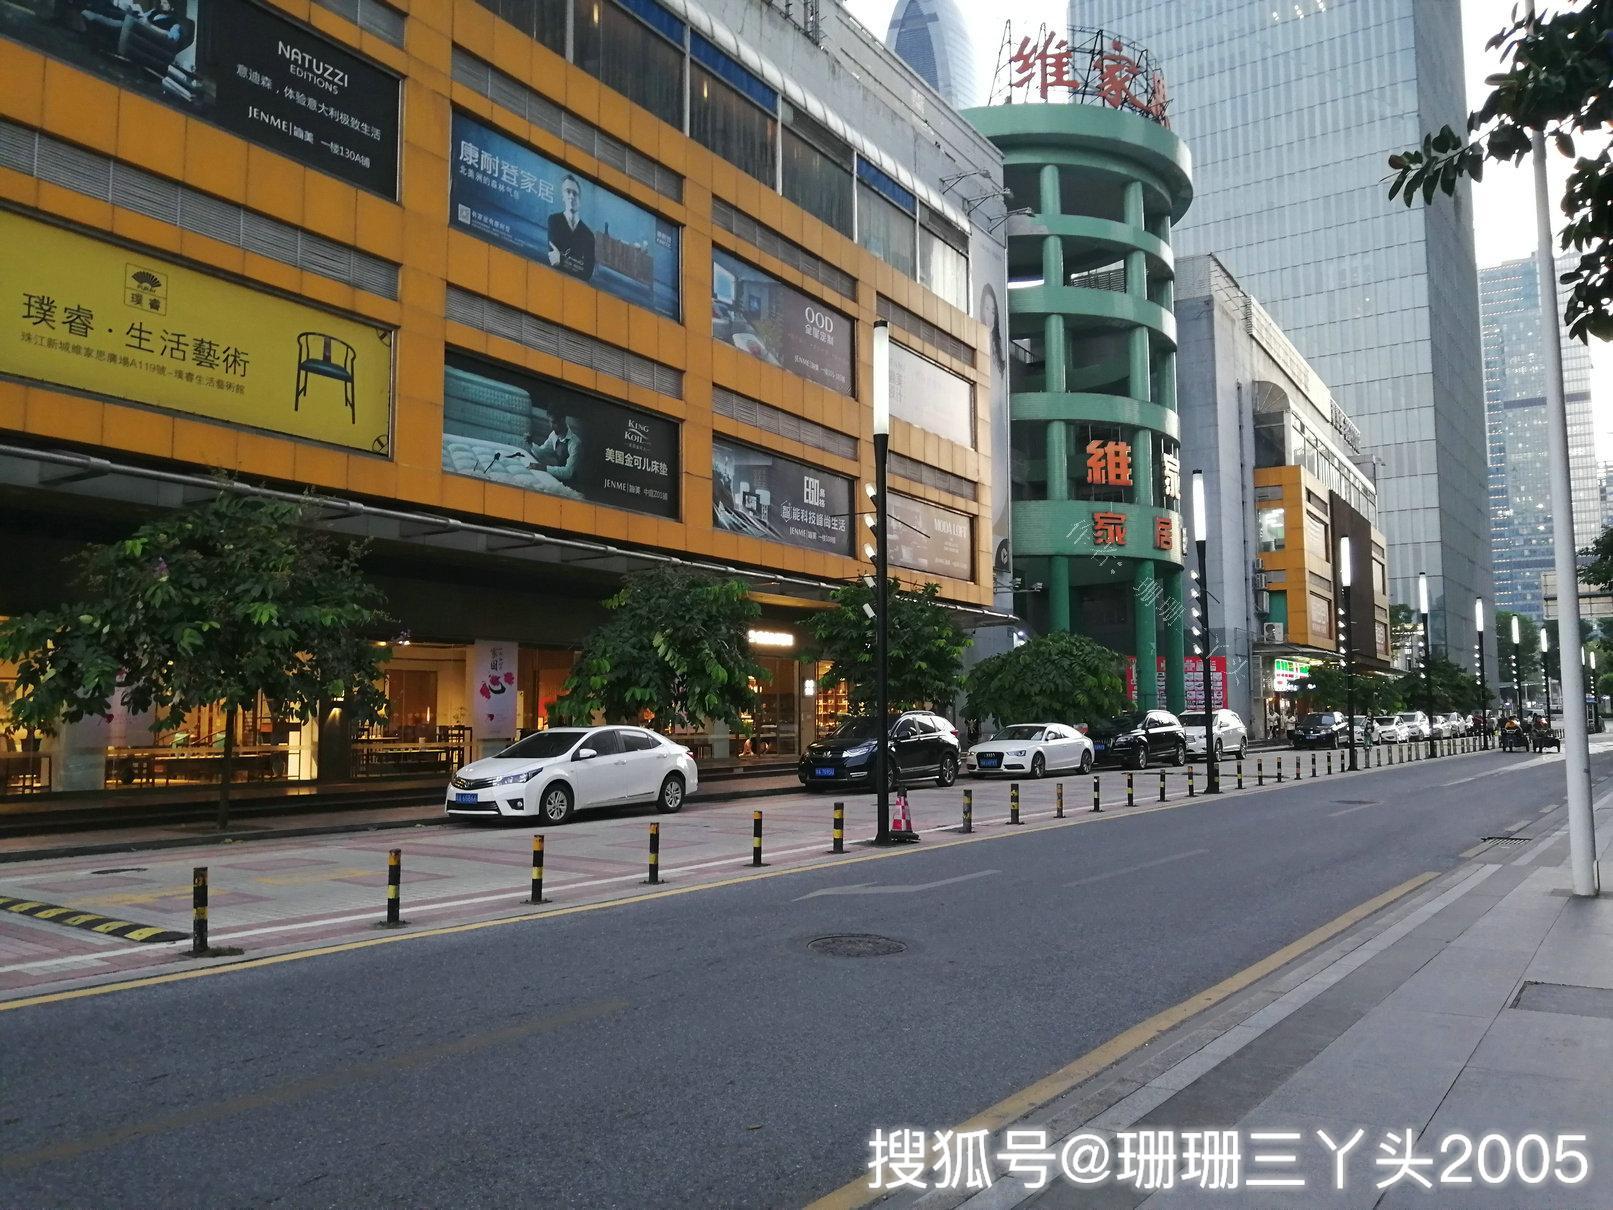 广州这地方明明是家具城,隐藏一条 复古街道 ,游客 拍照怀旧图片